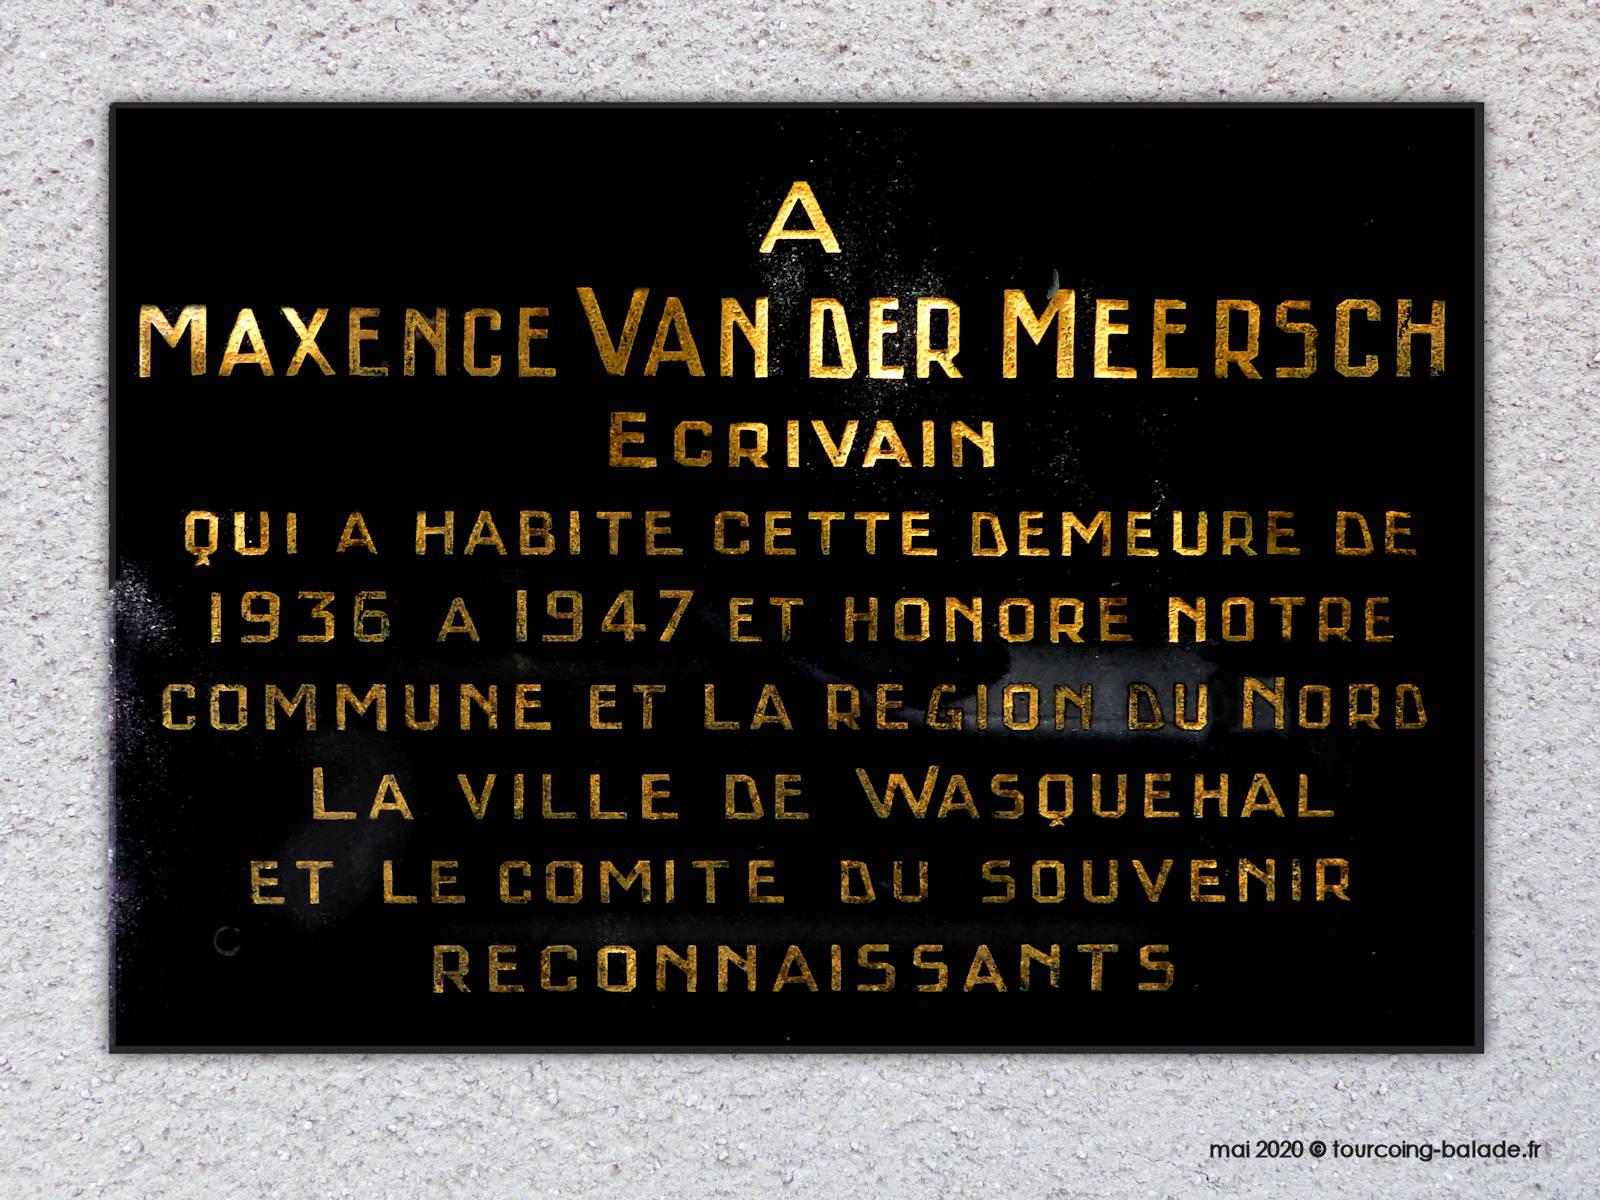 Plaque Maison Maxence Van der Meersch, Wasquehal, 2020